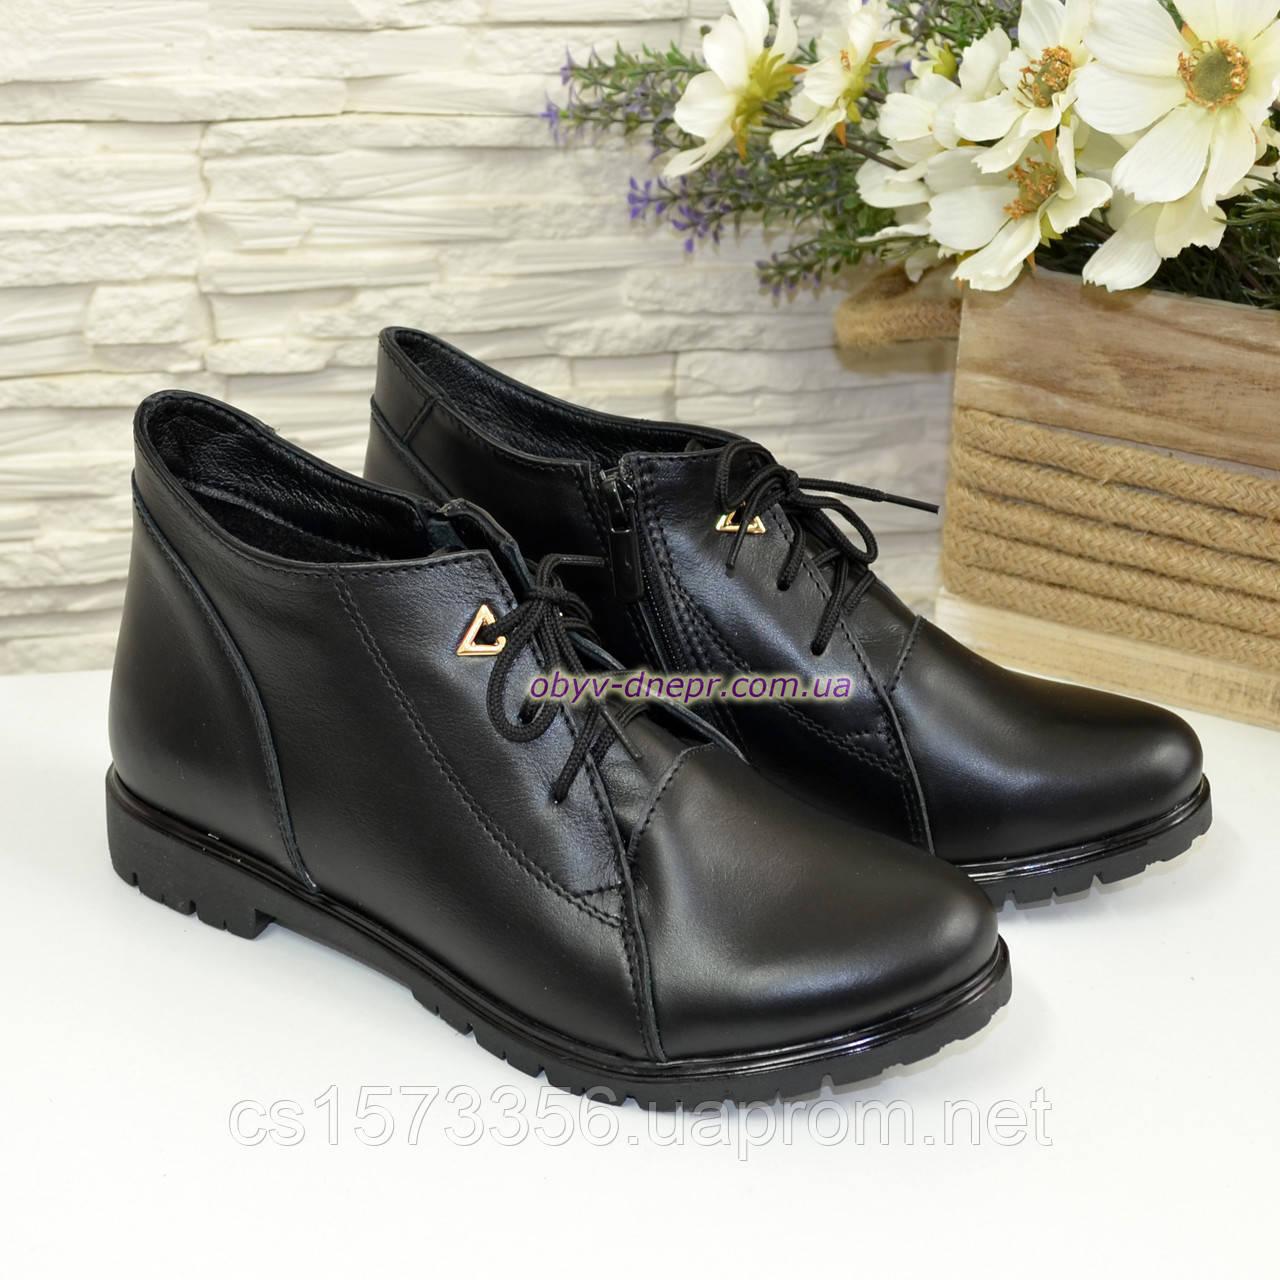 Женские кожаные демисезонные полуботинки на шнуровке